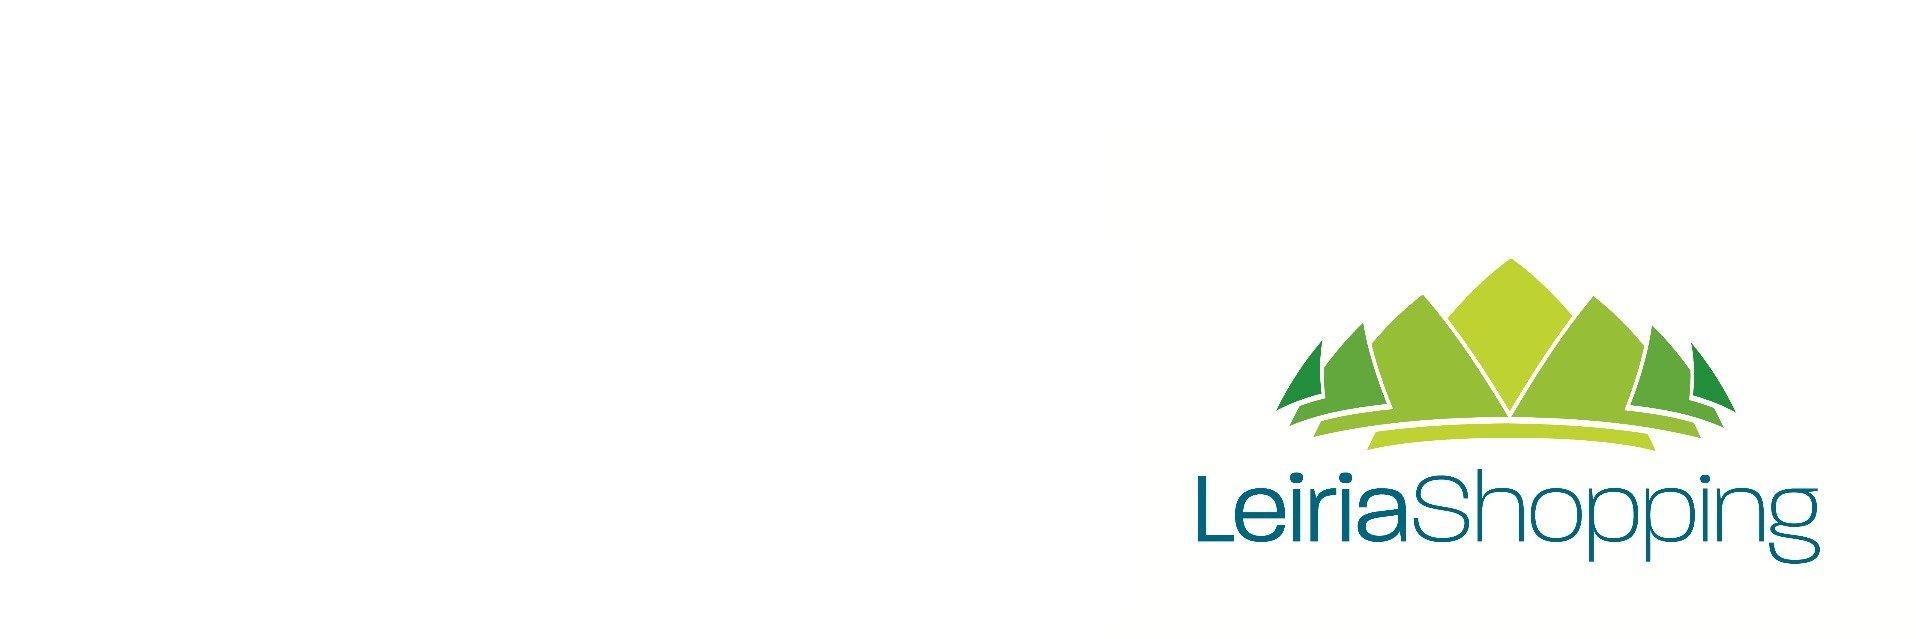 LeiriaShopping lança campanha de apoio à Rede de Emergência Alimentar